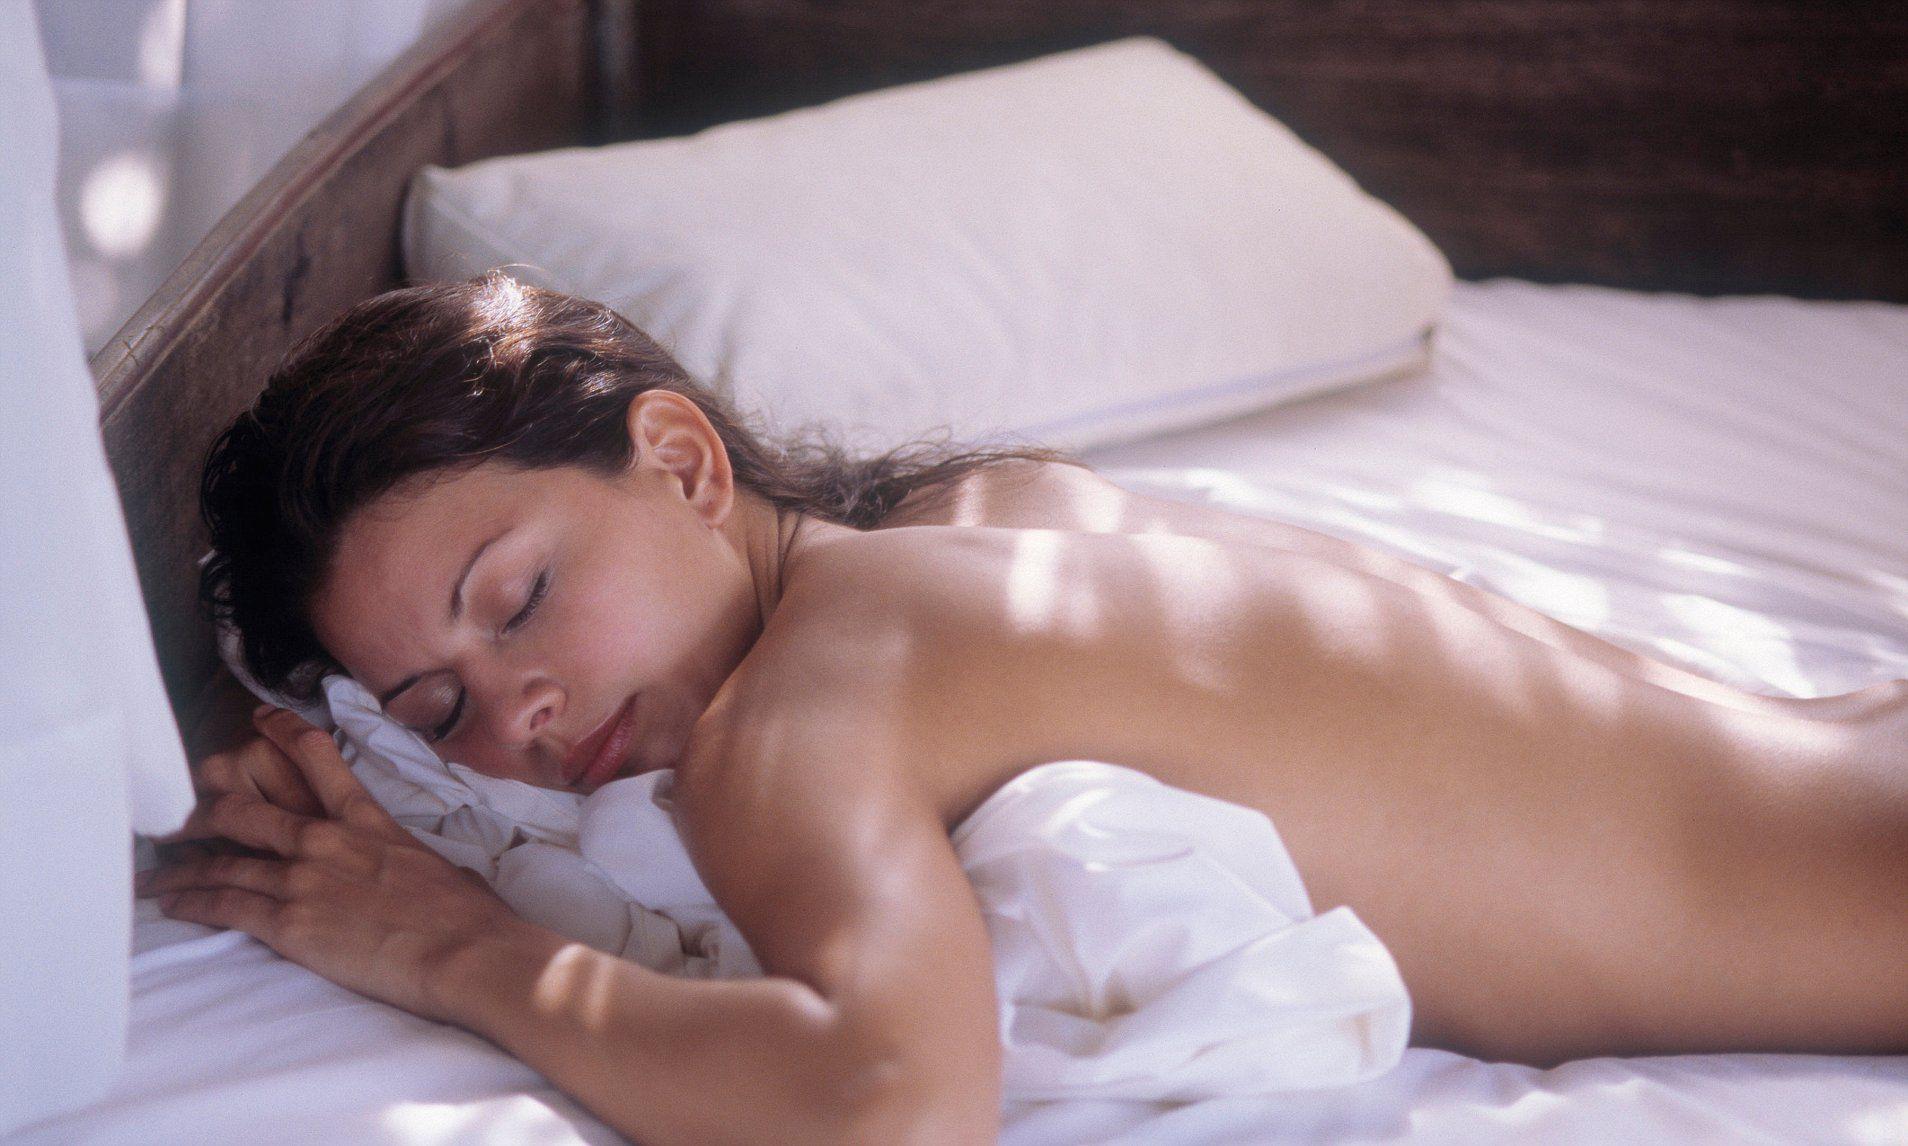 Không nên ngủ khỏa thân khi ở khách sạn - 1